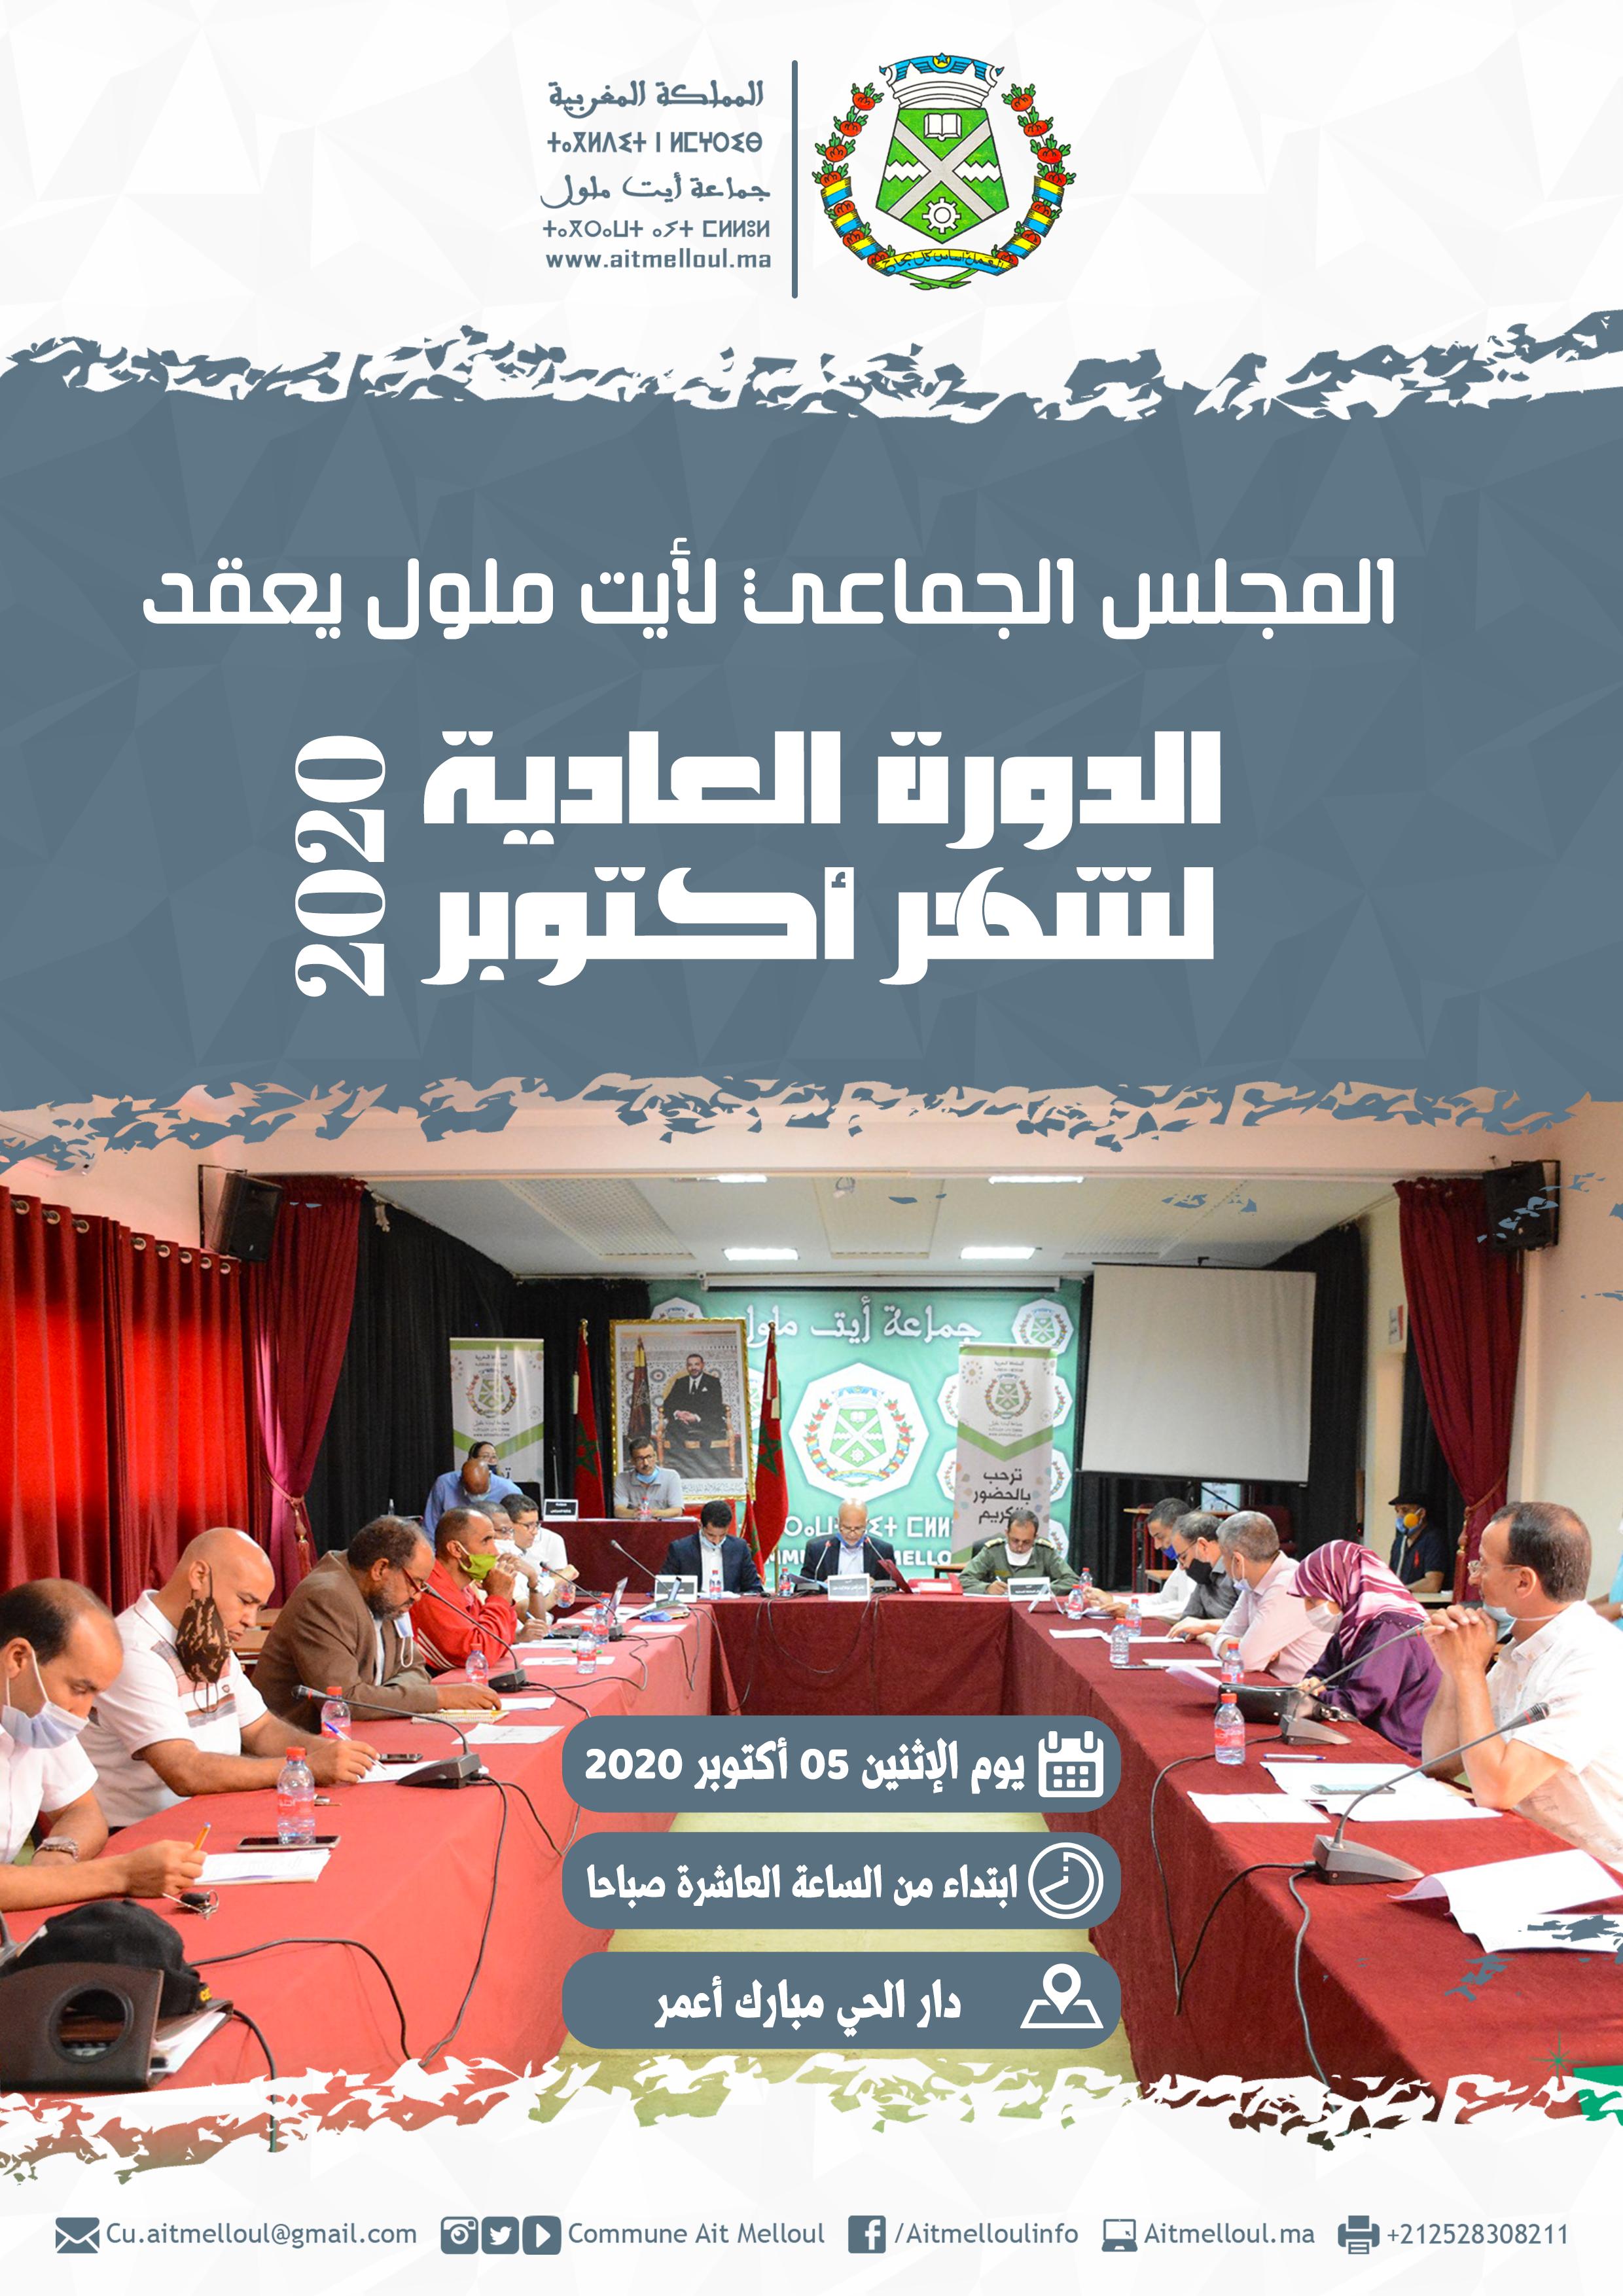 جماعة أيت ملول- إعلان عن الدورة العادية لشهر أكتوبر 2020